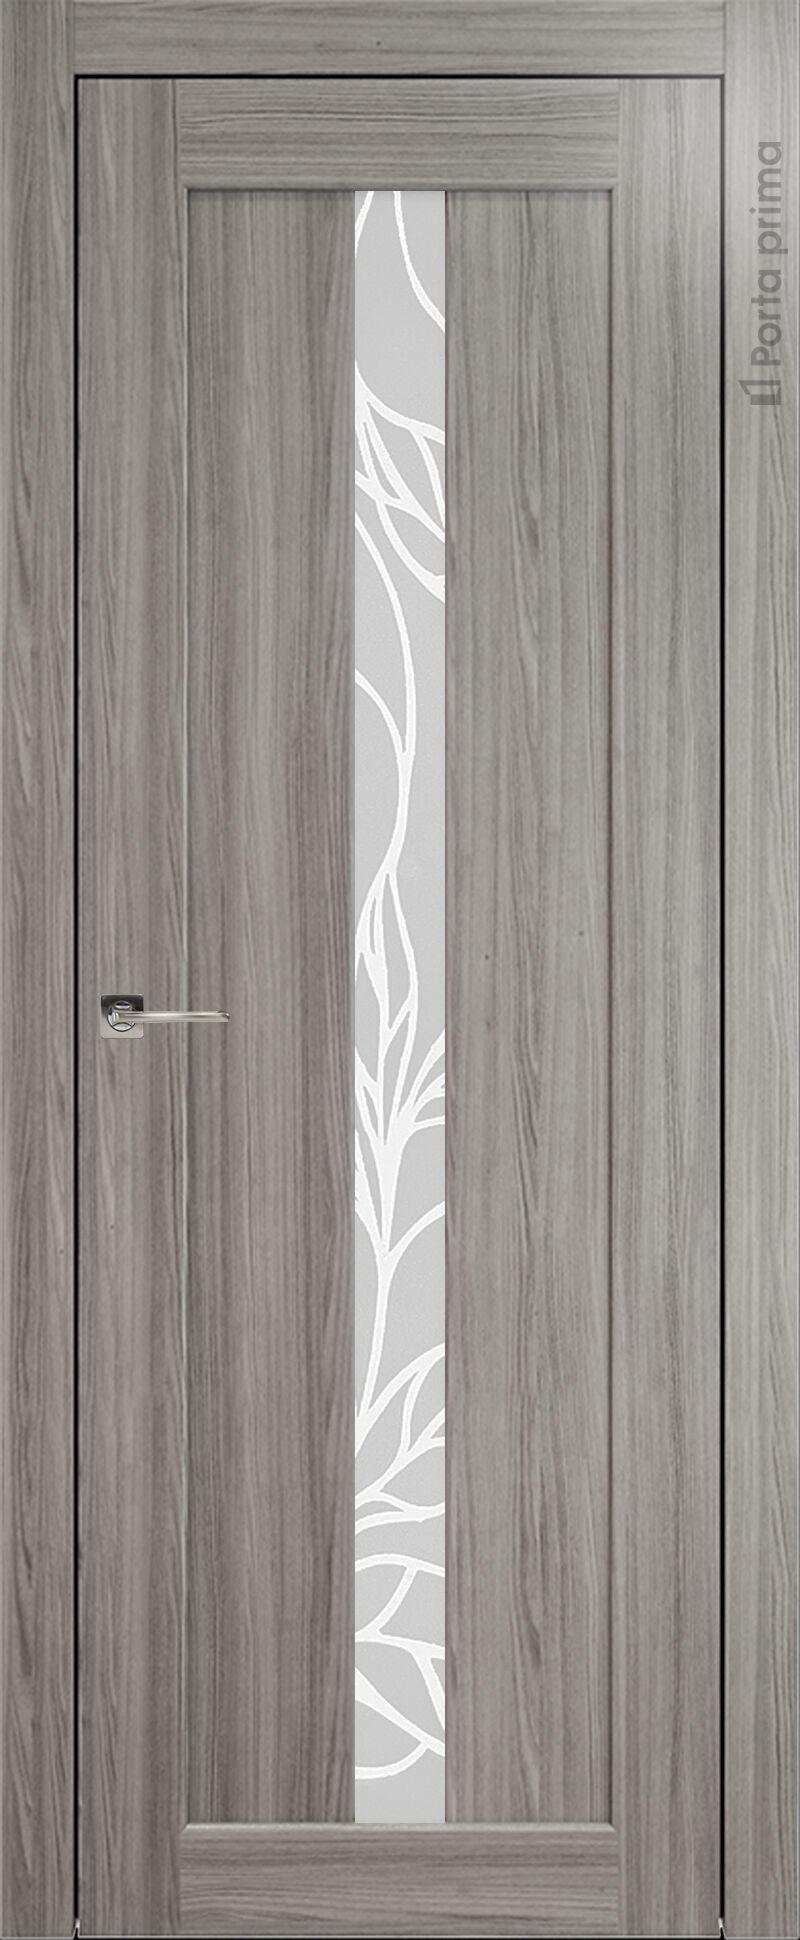 Pianta цвет - Орех пепельный Без стекла (ДГ)